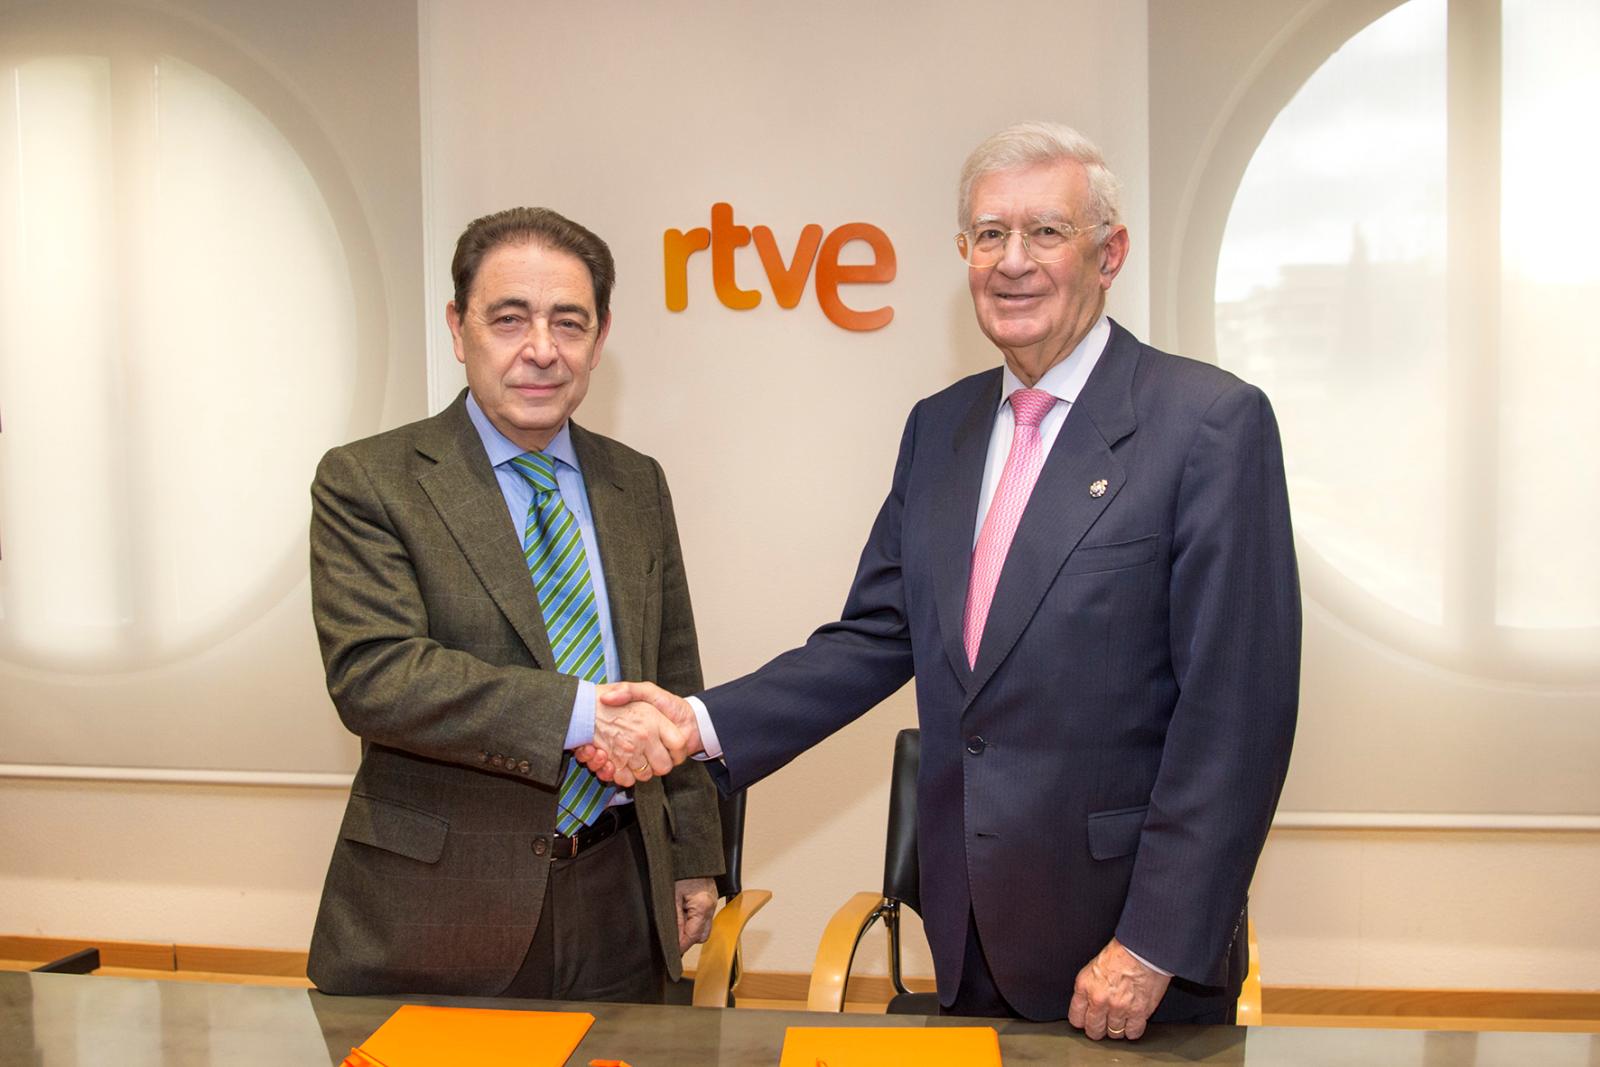 Federico Montero, director general corporativo de RTVE y Antonio Colino, presidente de la Real Academia de Ingeniería, renuevan el convenio entre RTVE y la Real Academia de Ingeniería